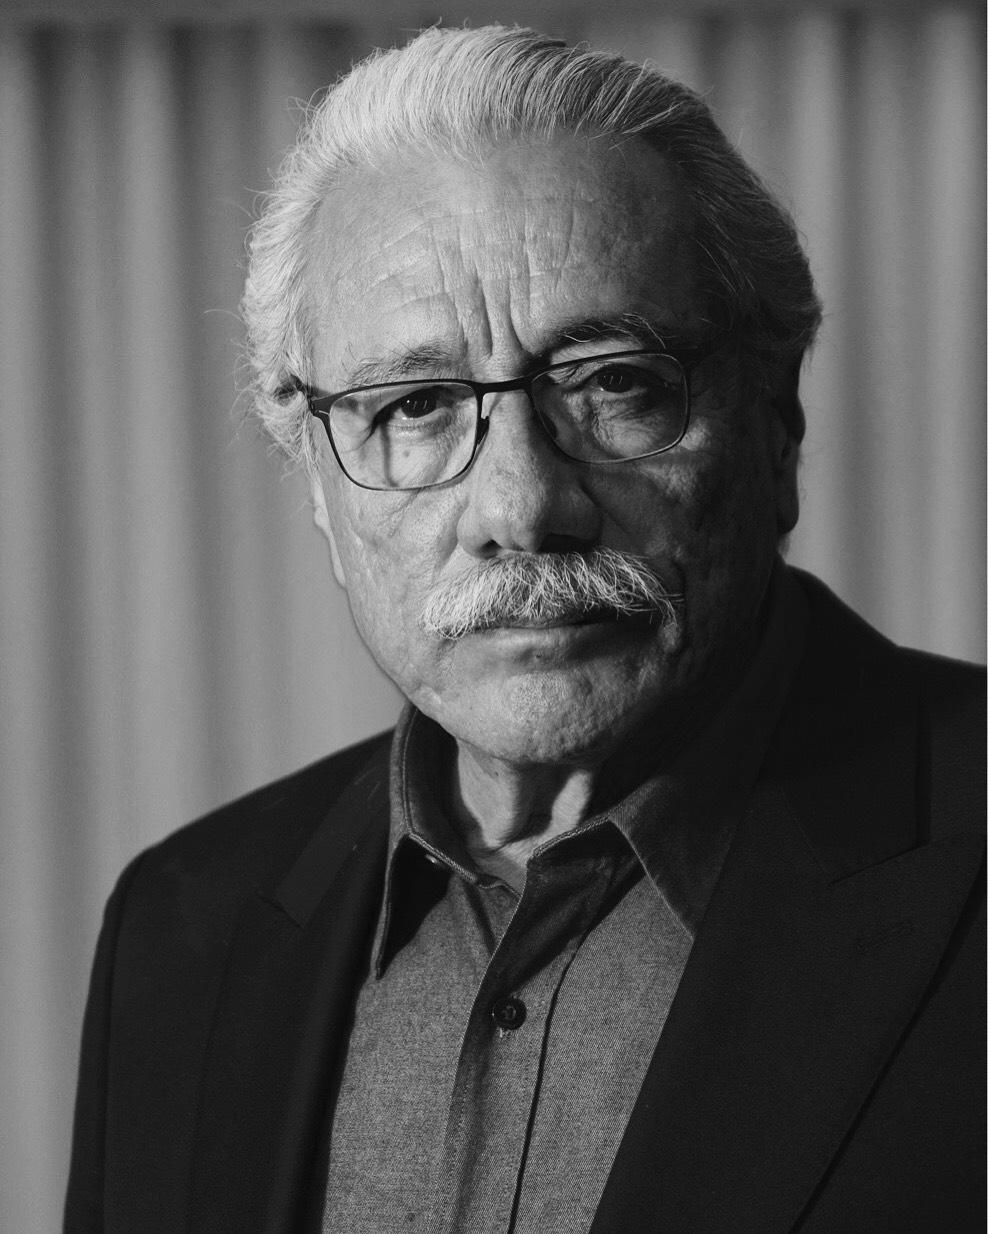 Eduard James Olmos